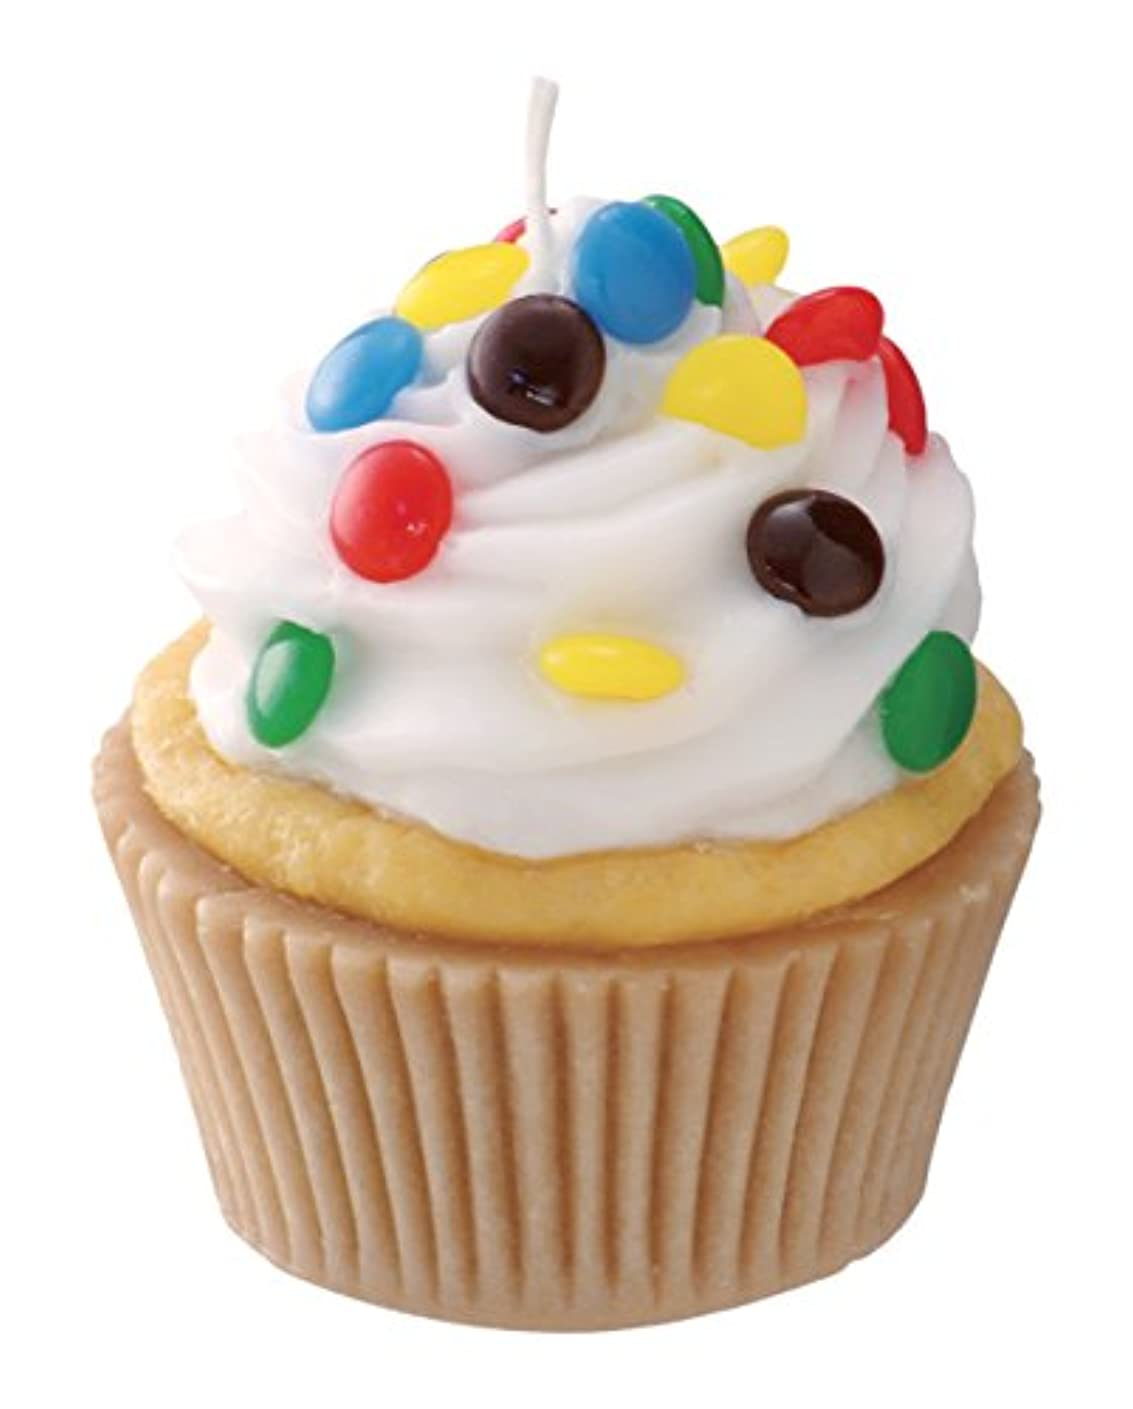 酔って神の素晴らしきカメヤマキャンドルハウス 本物そっくり! アメリカンカップケーキキャンドル ホワイトクリーム チョコレートの香り